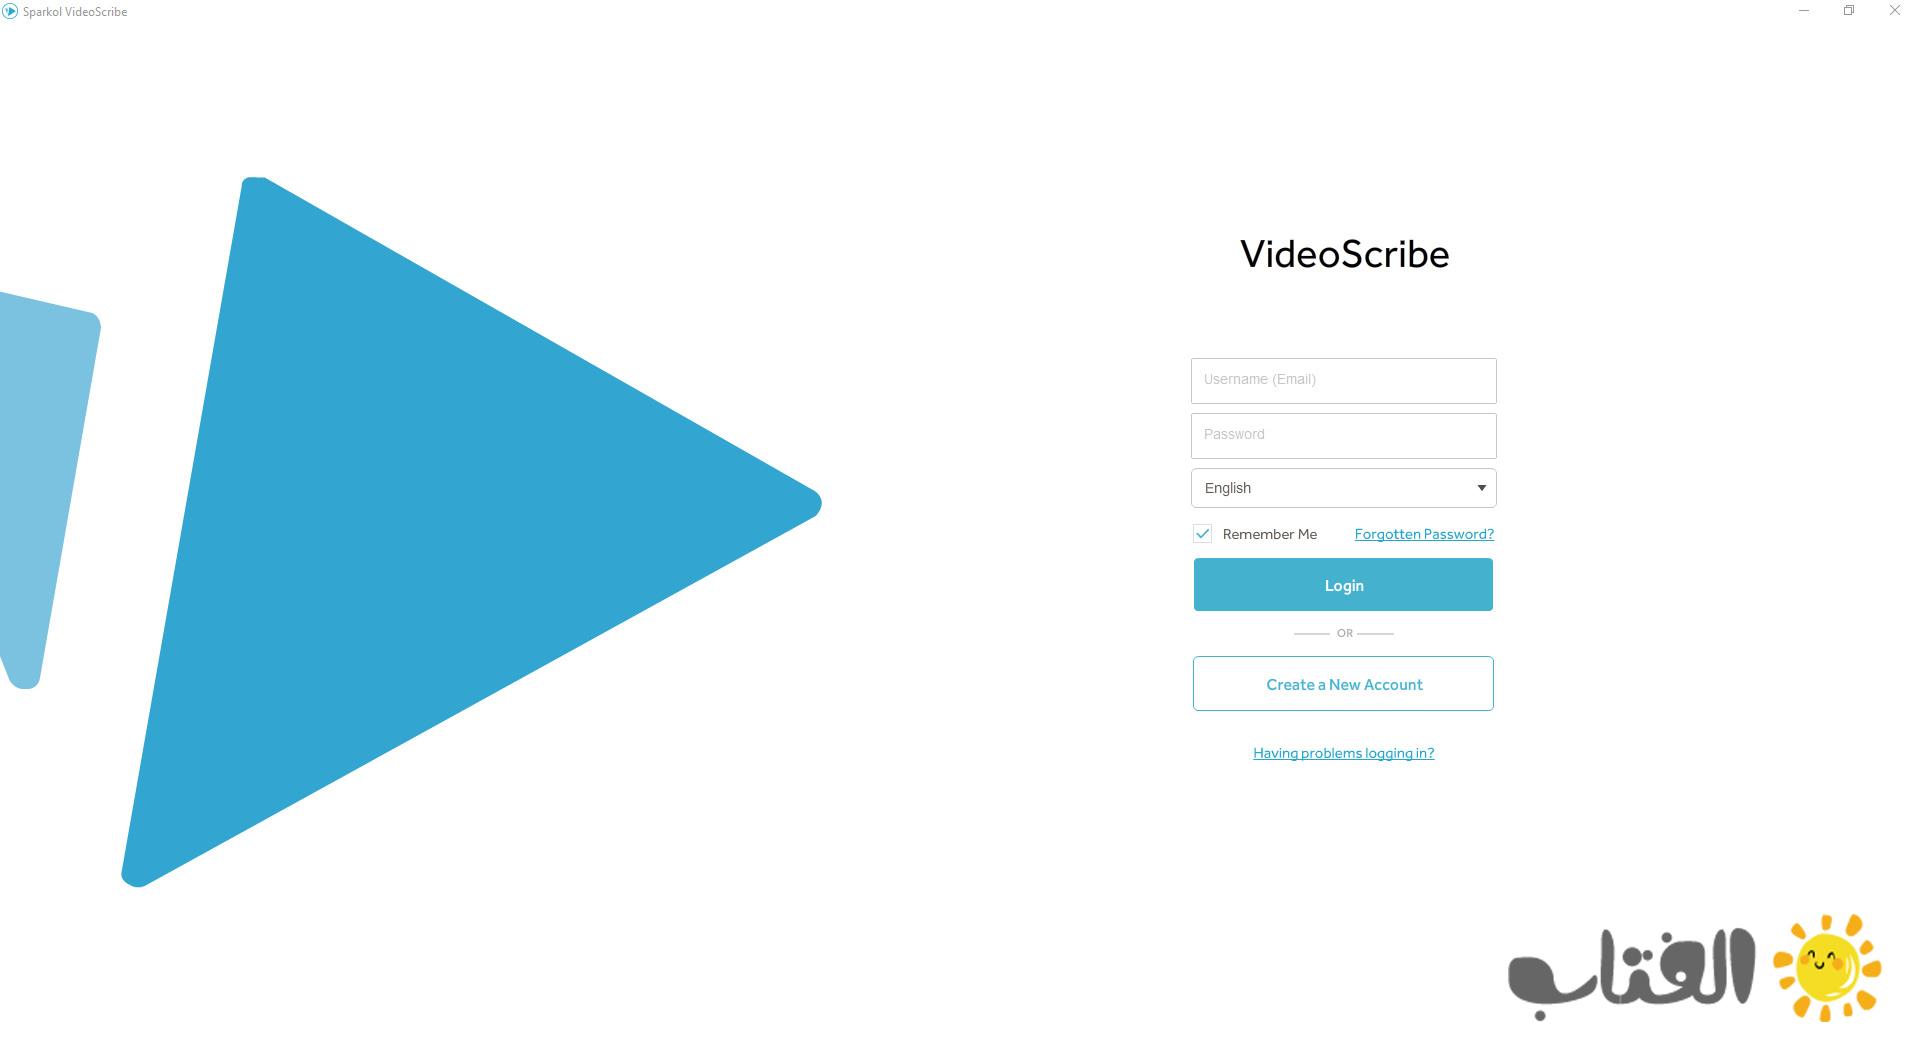 آموزش صفر تا صد انیمیشن سازی با ویدیو اسکرایب